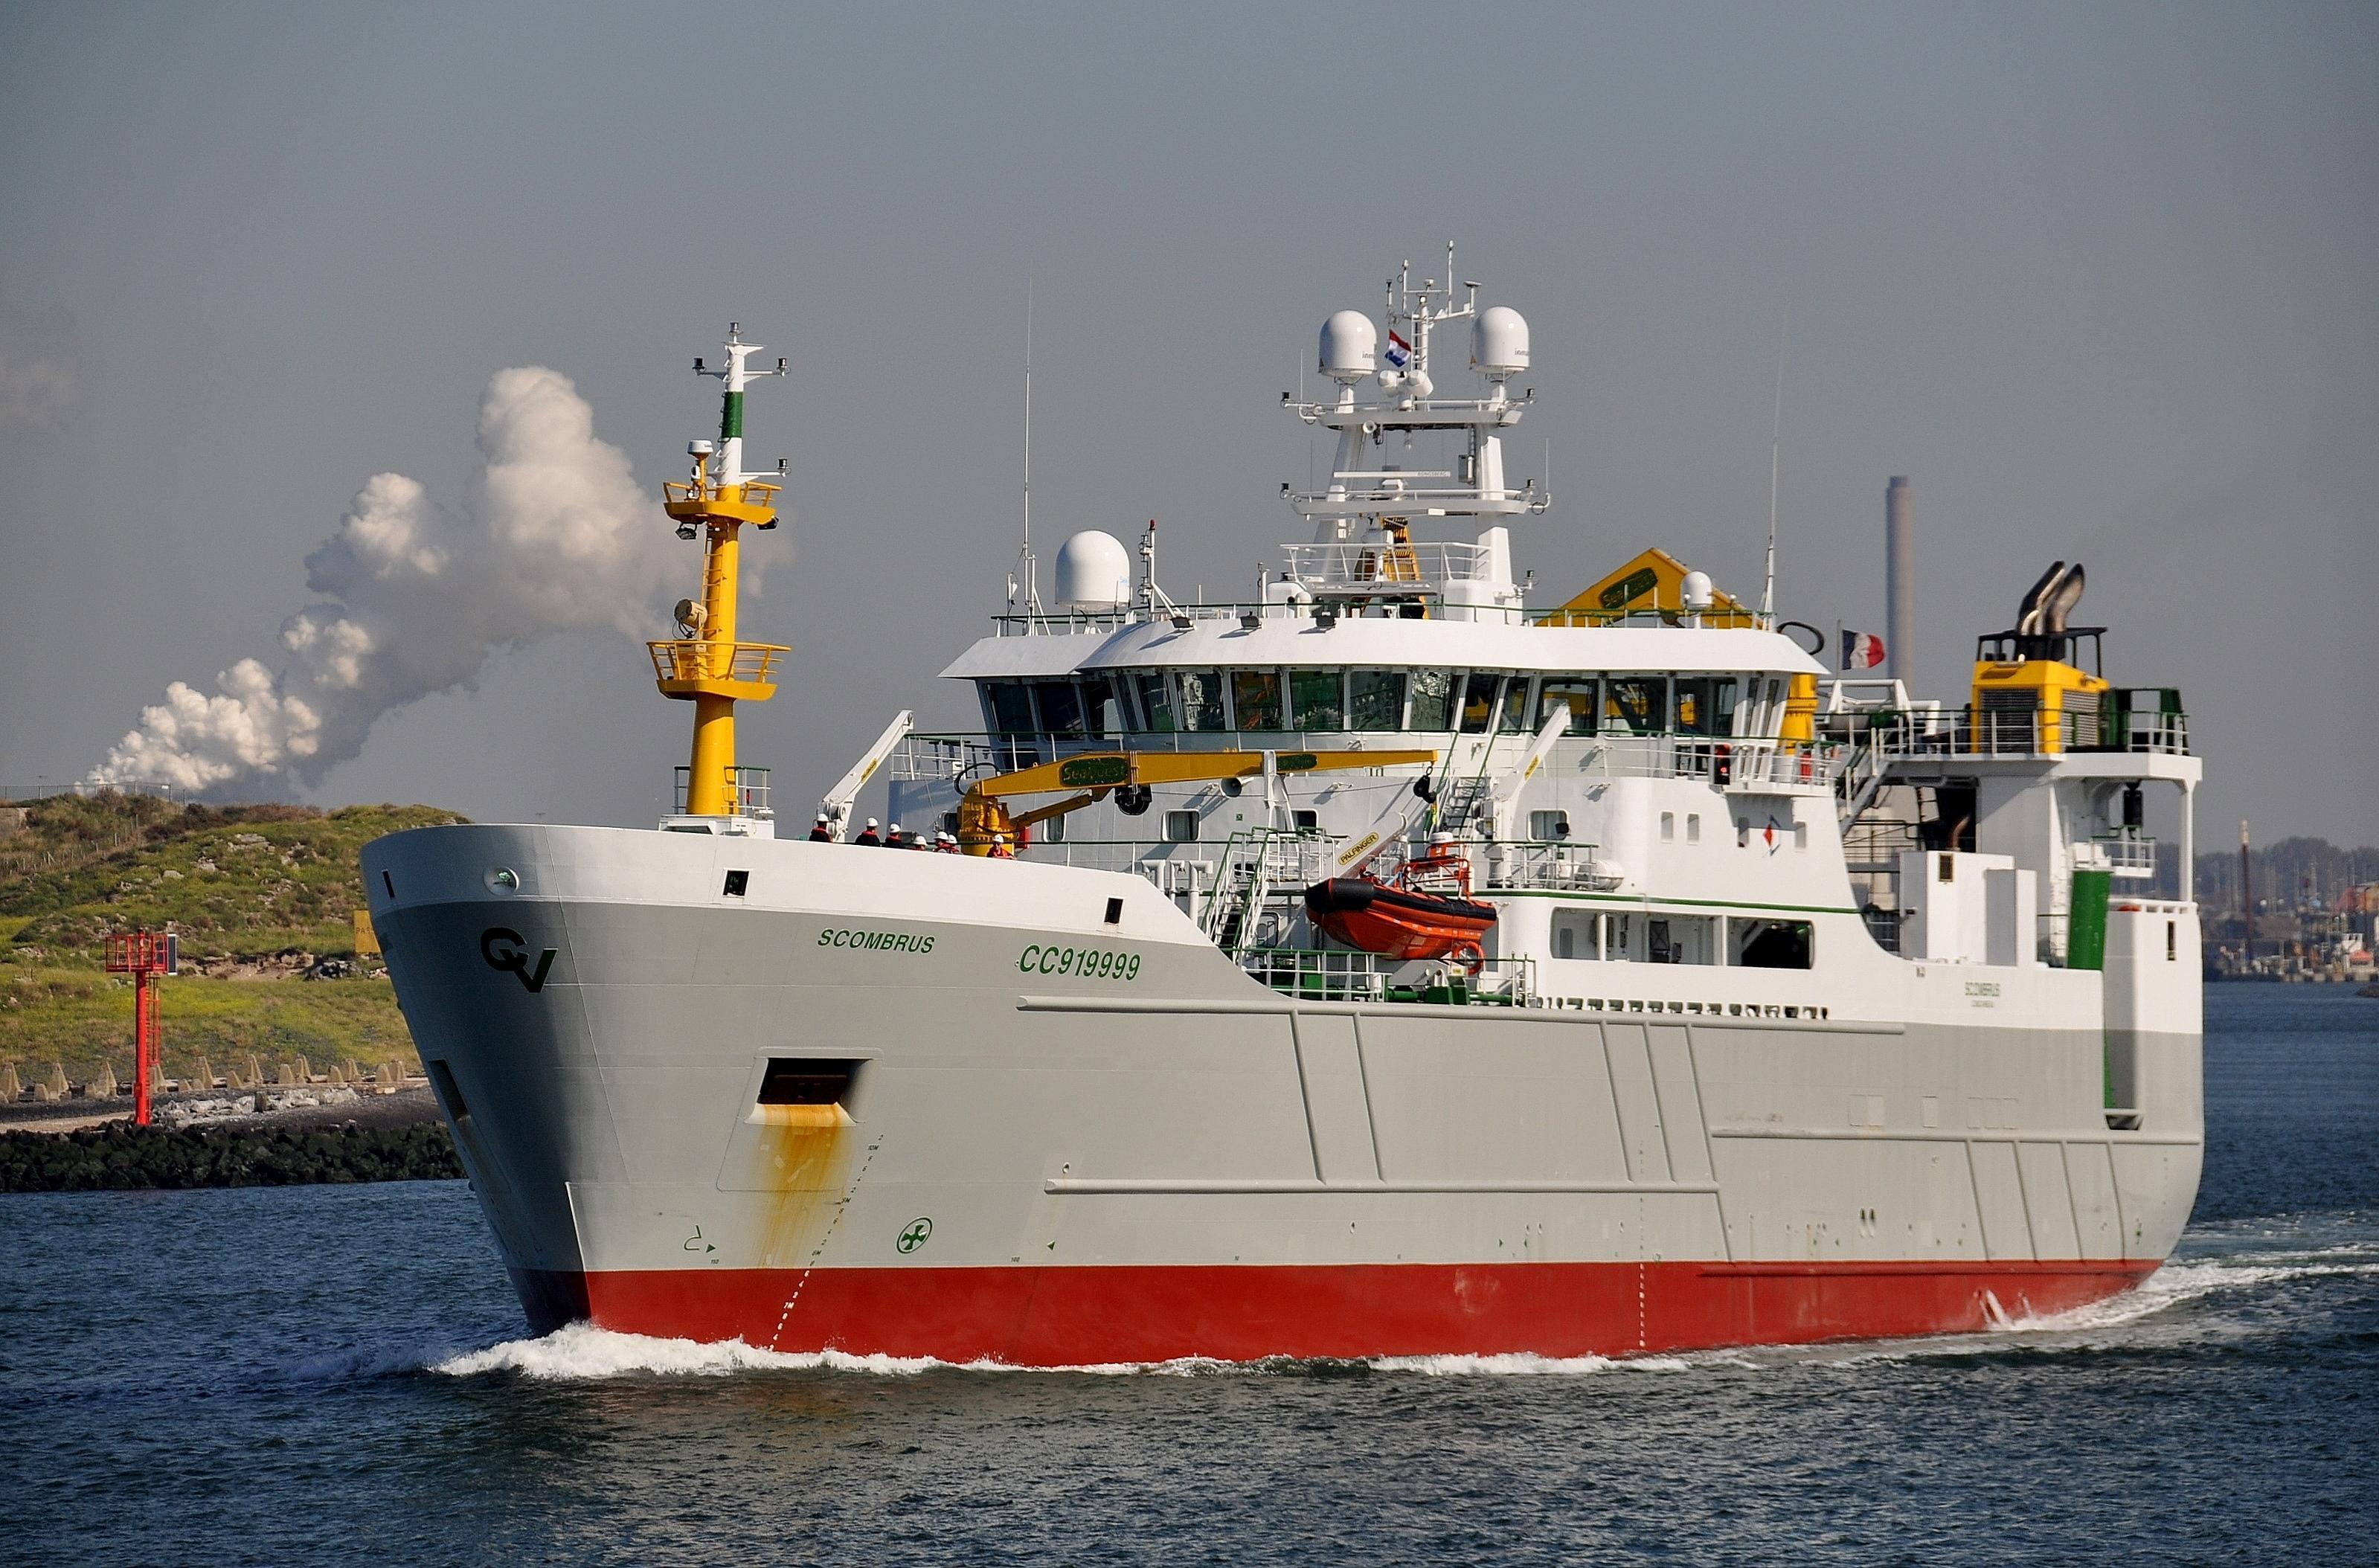 Franse actiegroep Bloom wil vrijdag protesteren bij doop van Scombrus van rederij Vrolijk omdat de kustvisserij schade kan oplopen. 'We zitten elkaar niet in de weg', menen de IJmuidenaren